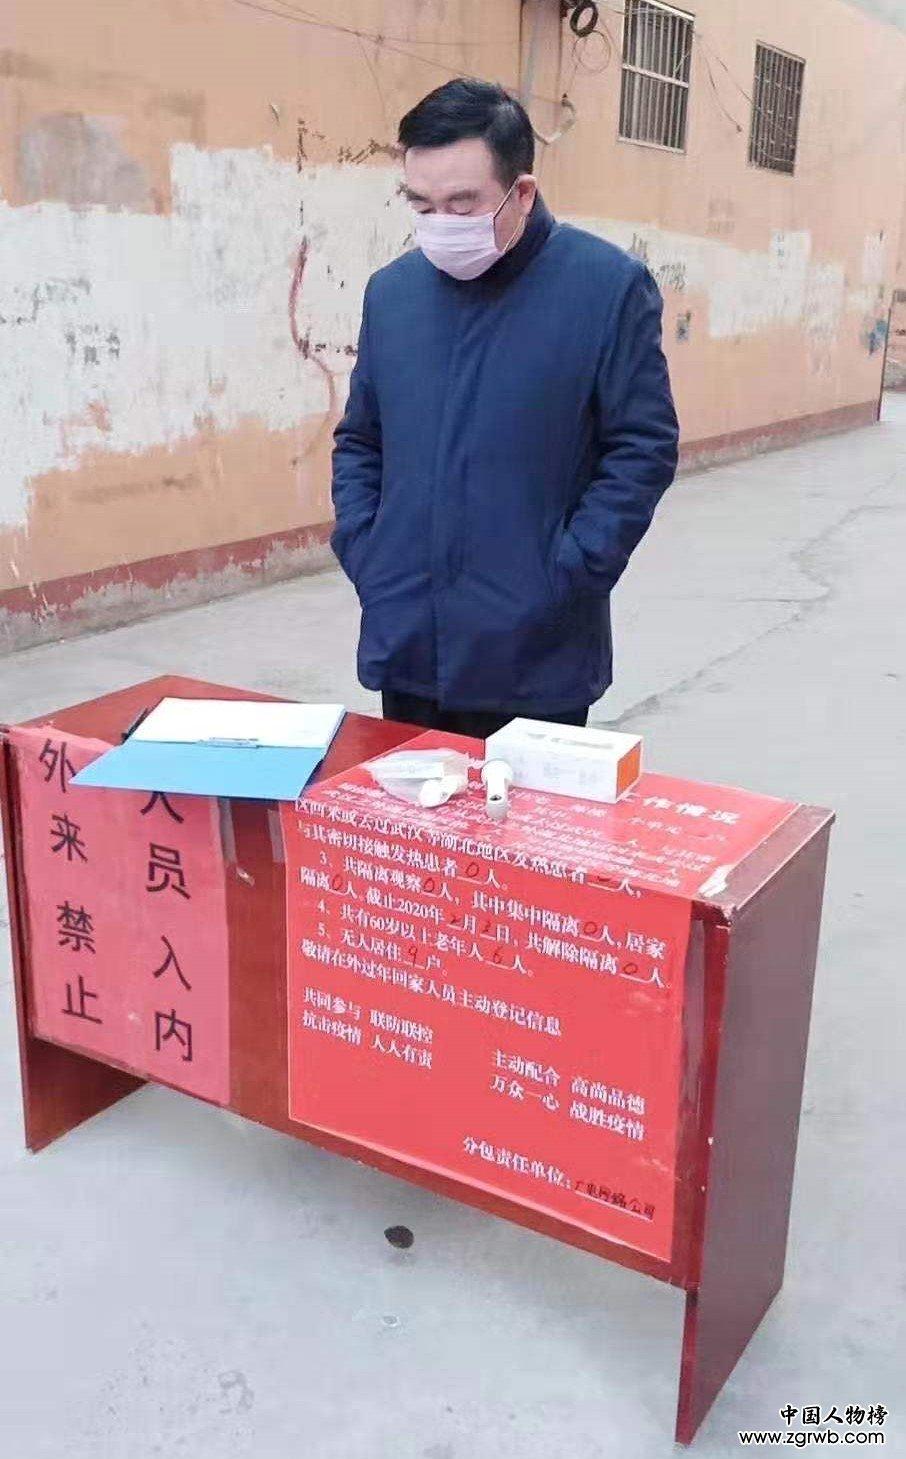 致敬临漳基层防疫人员广电英雄(师建光)同志